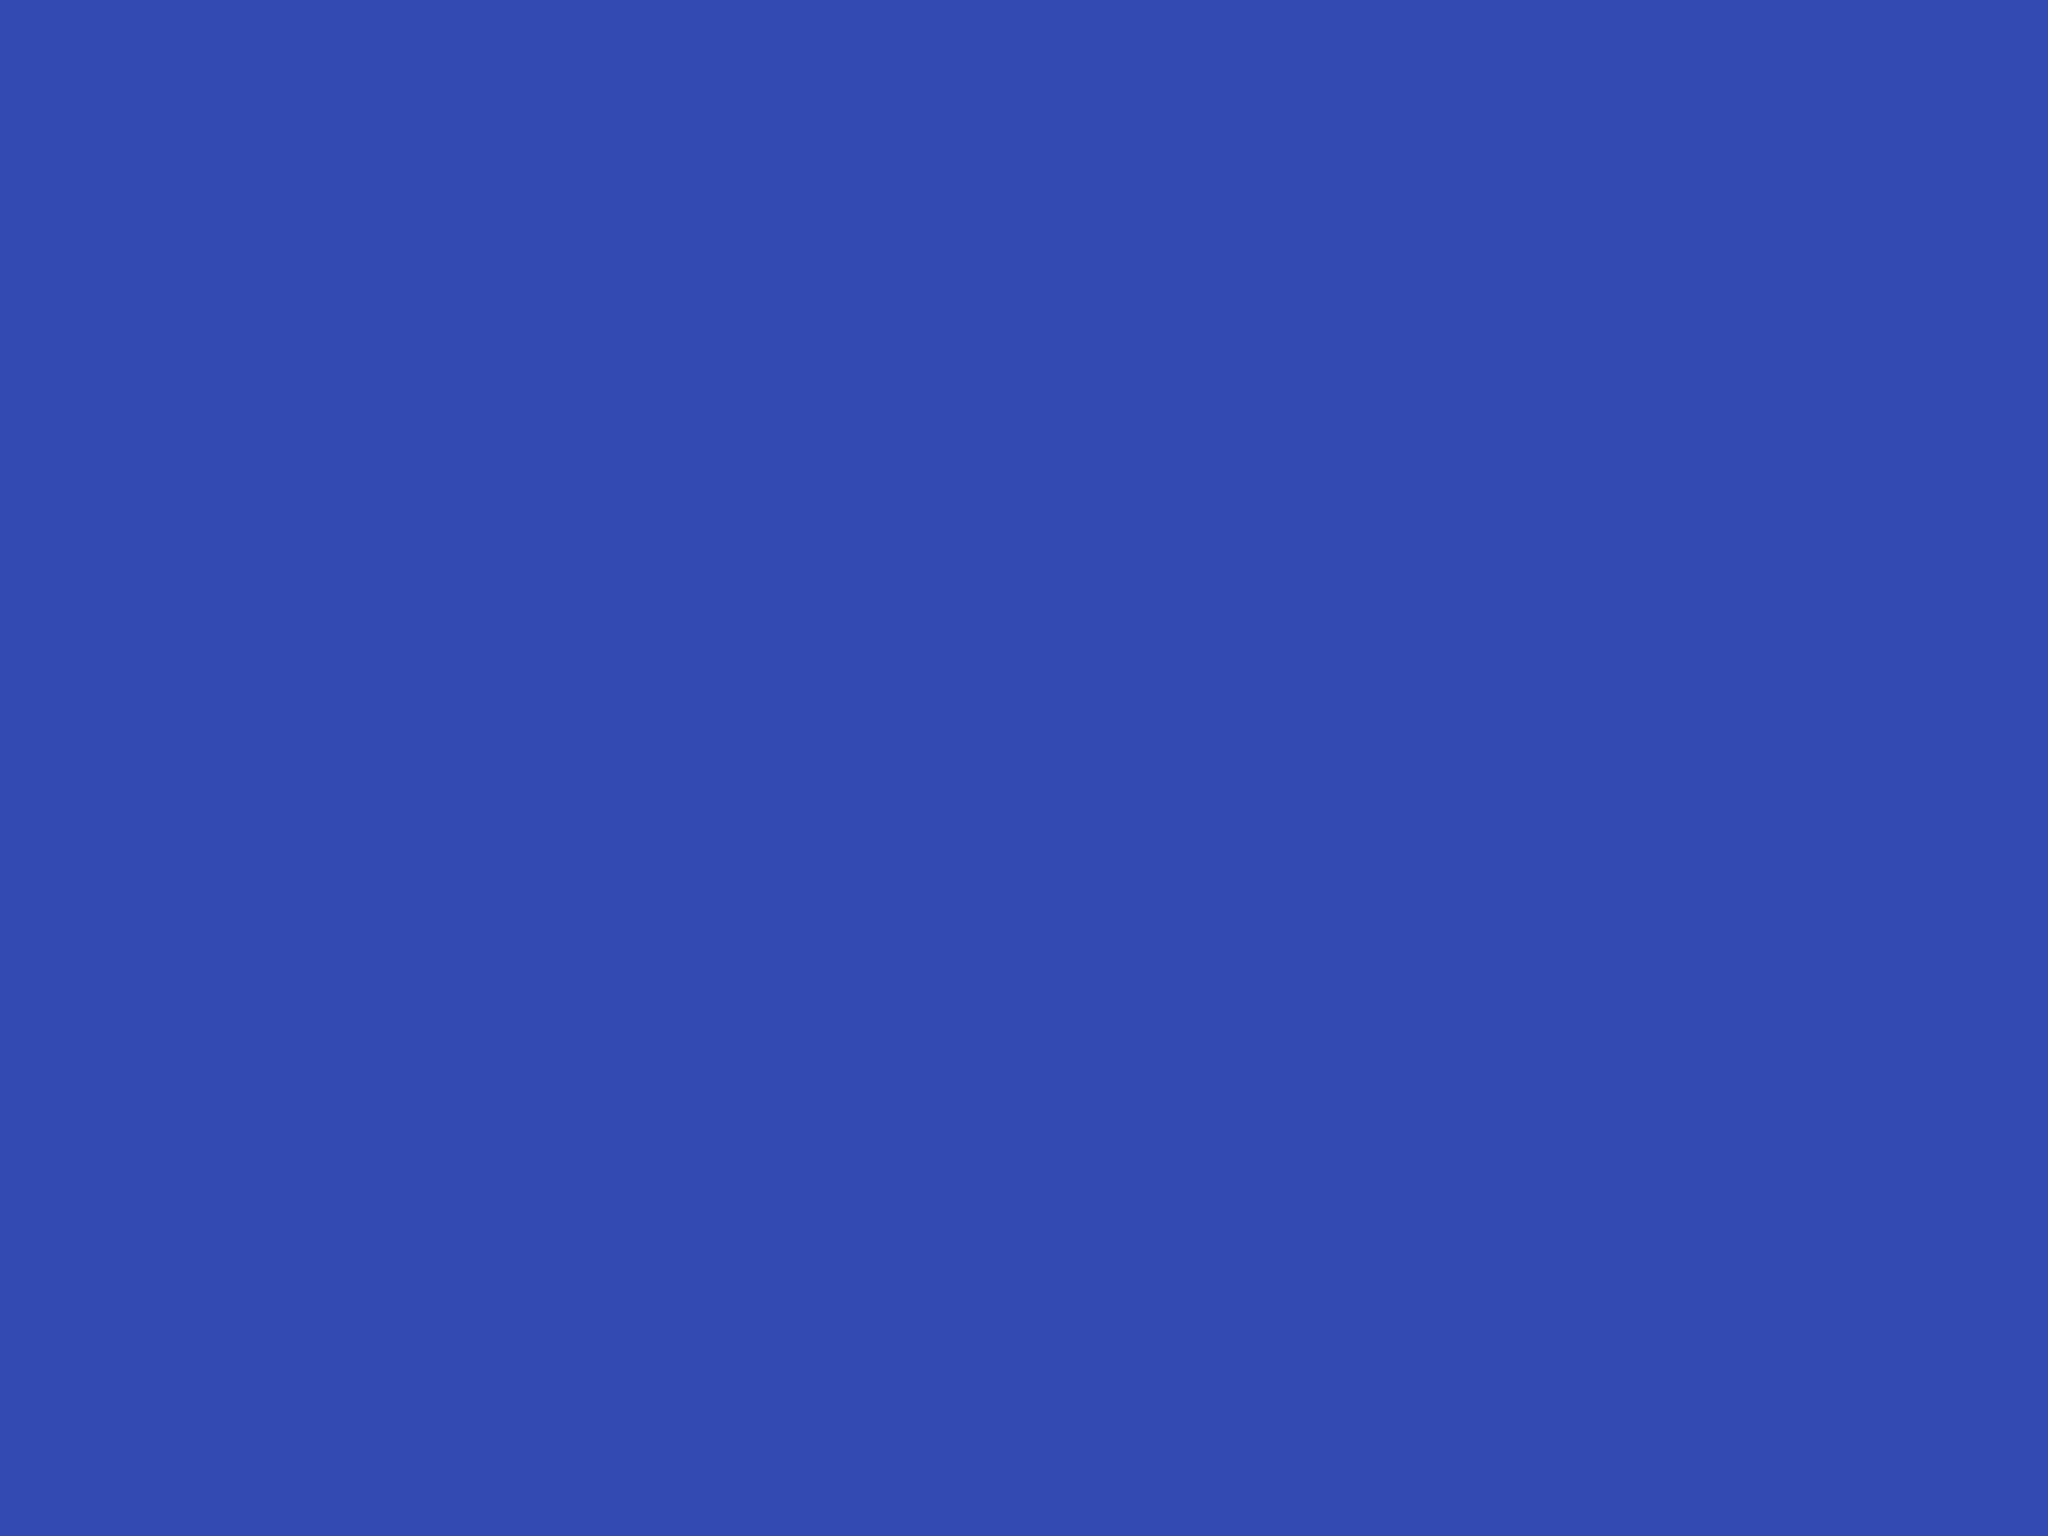 2048x1536 Violet-blue Solid Color Background